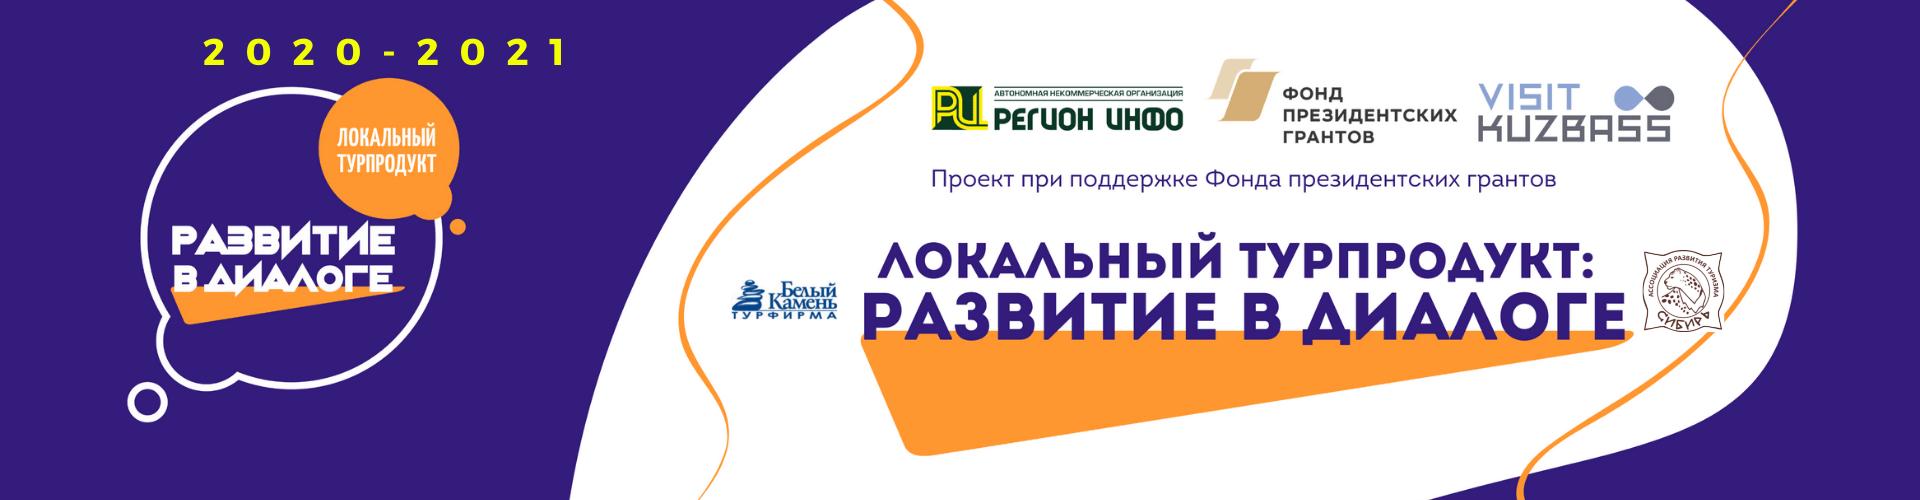 локальный турпродукт_развитие в диалоге